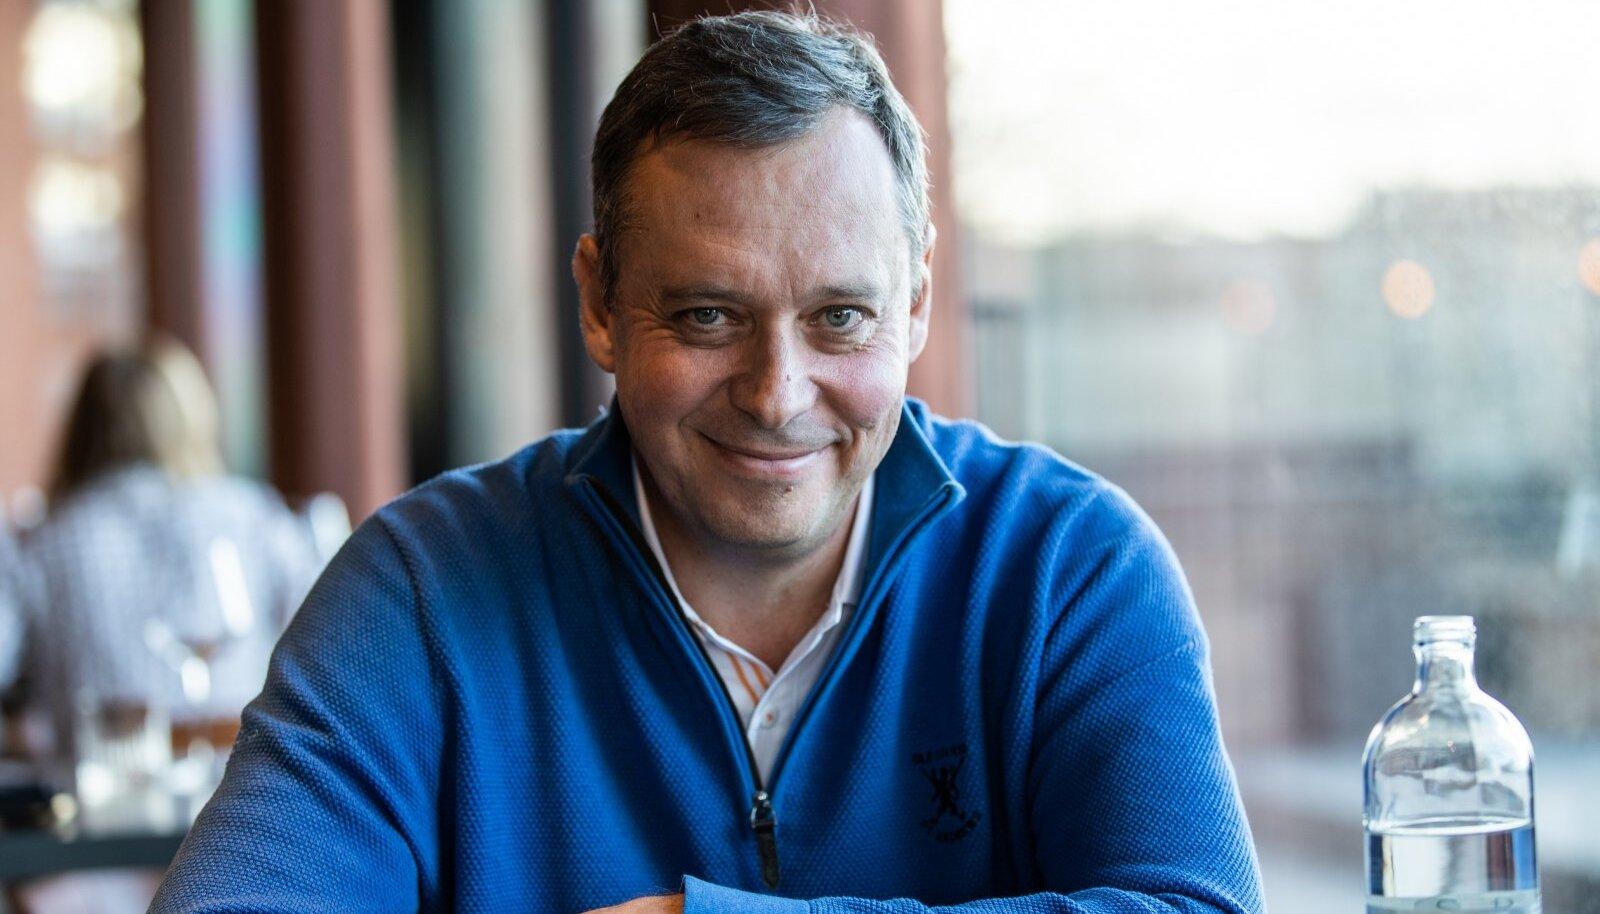 Gunnar Kobin ütleb, et Eestis on ühel hetkel vanus probleem. See, et sul on kogemused, ei huvita enam kedagi.